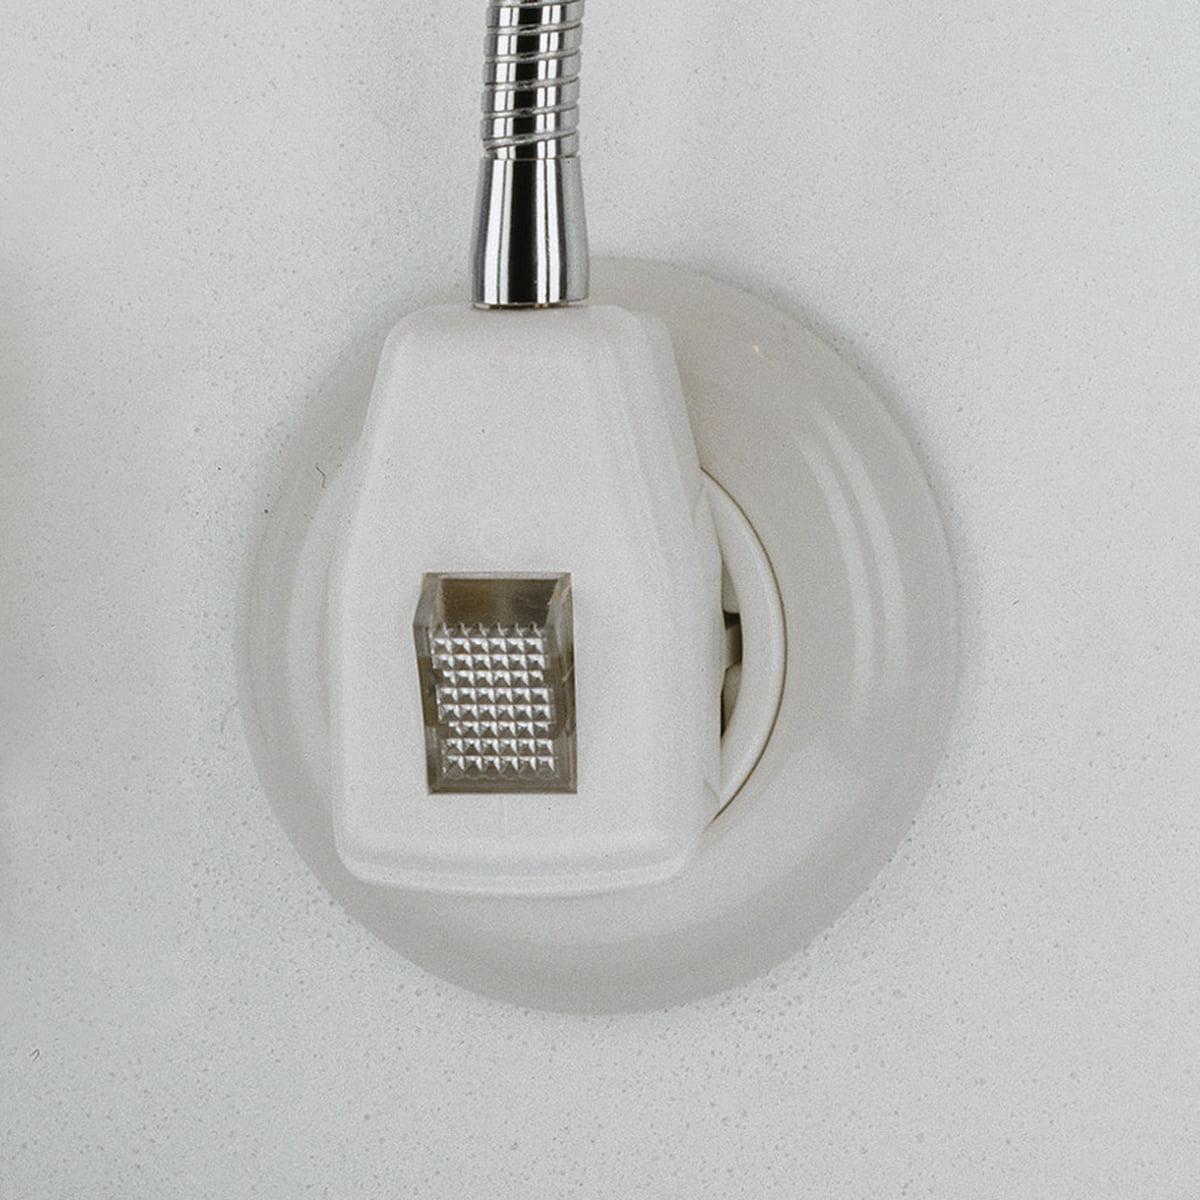 stiletto glühwürmchen neoclassic zylinder